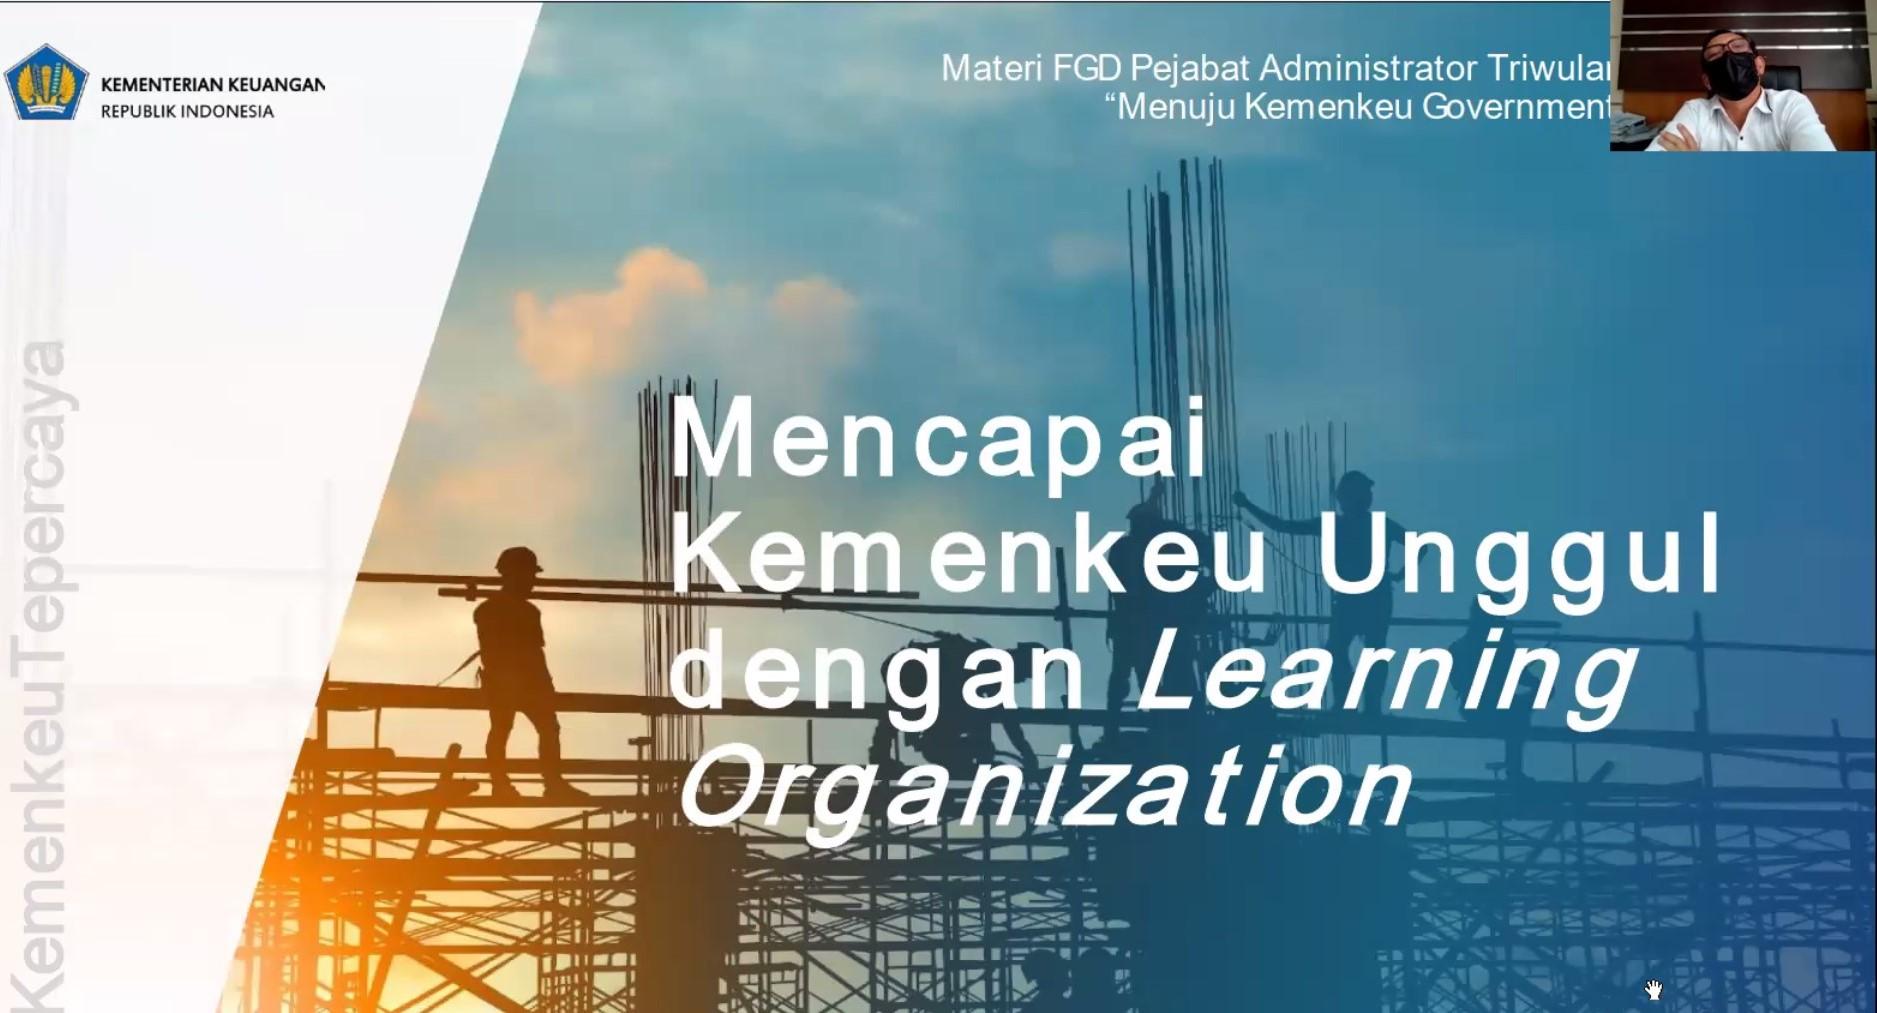 Bersiap menuju Kemenkeu Government 4.0, KPKNL Tangerang II gelar FGD Triwulan III tahun 2021